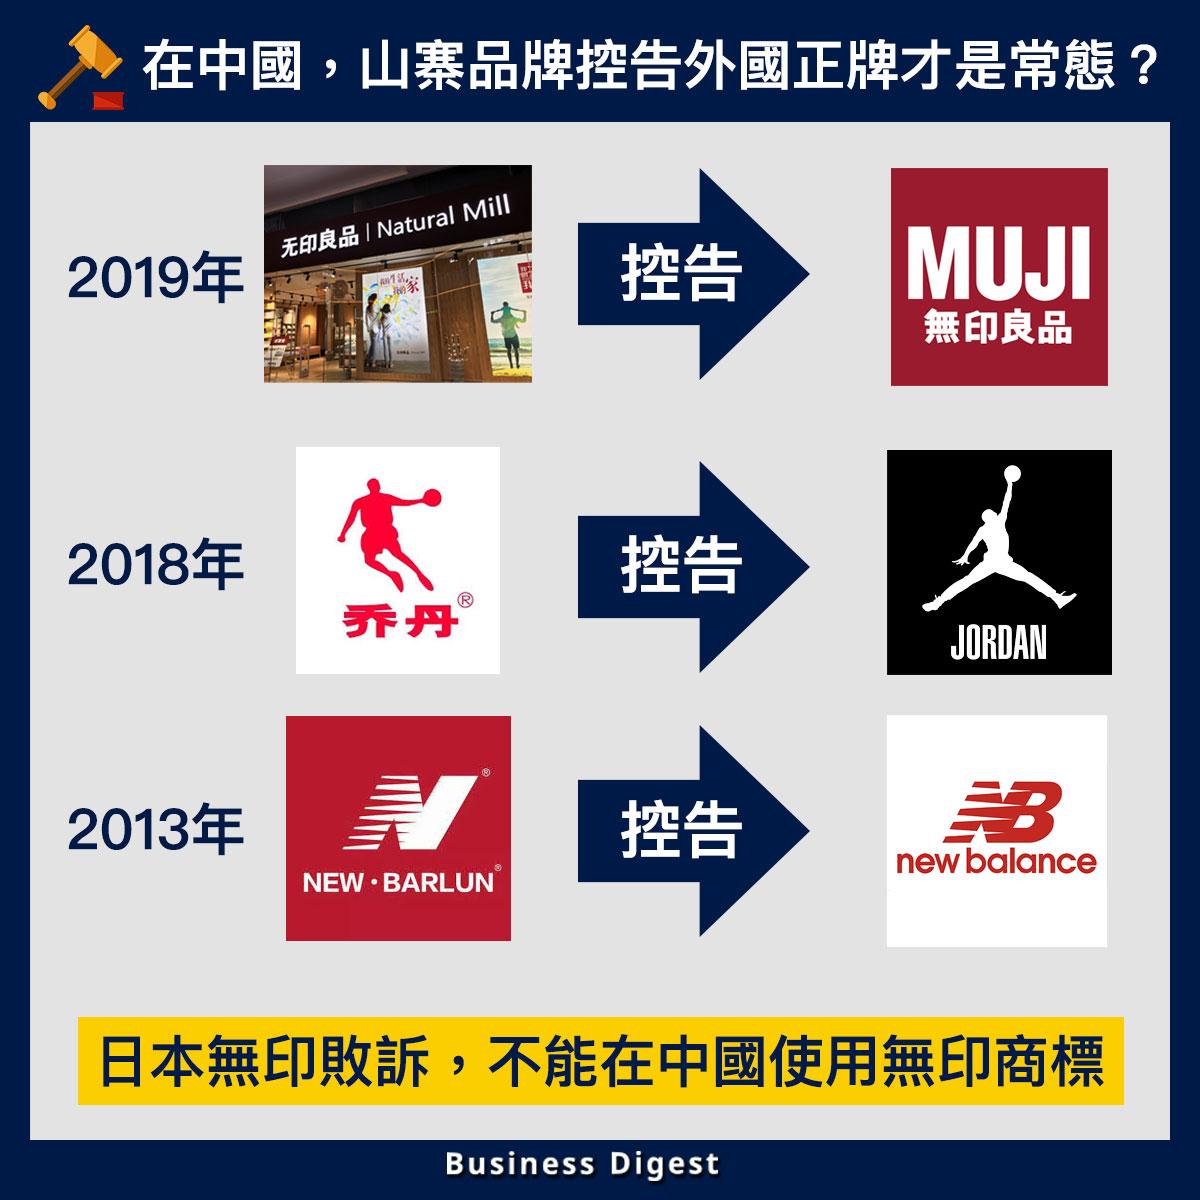 【商業熱話】在中國,山寨品牌控告外國正牌才是常態?